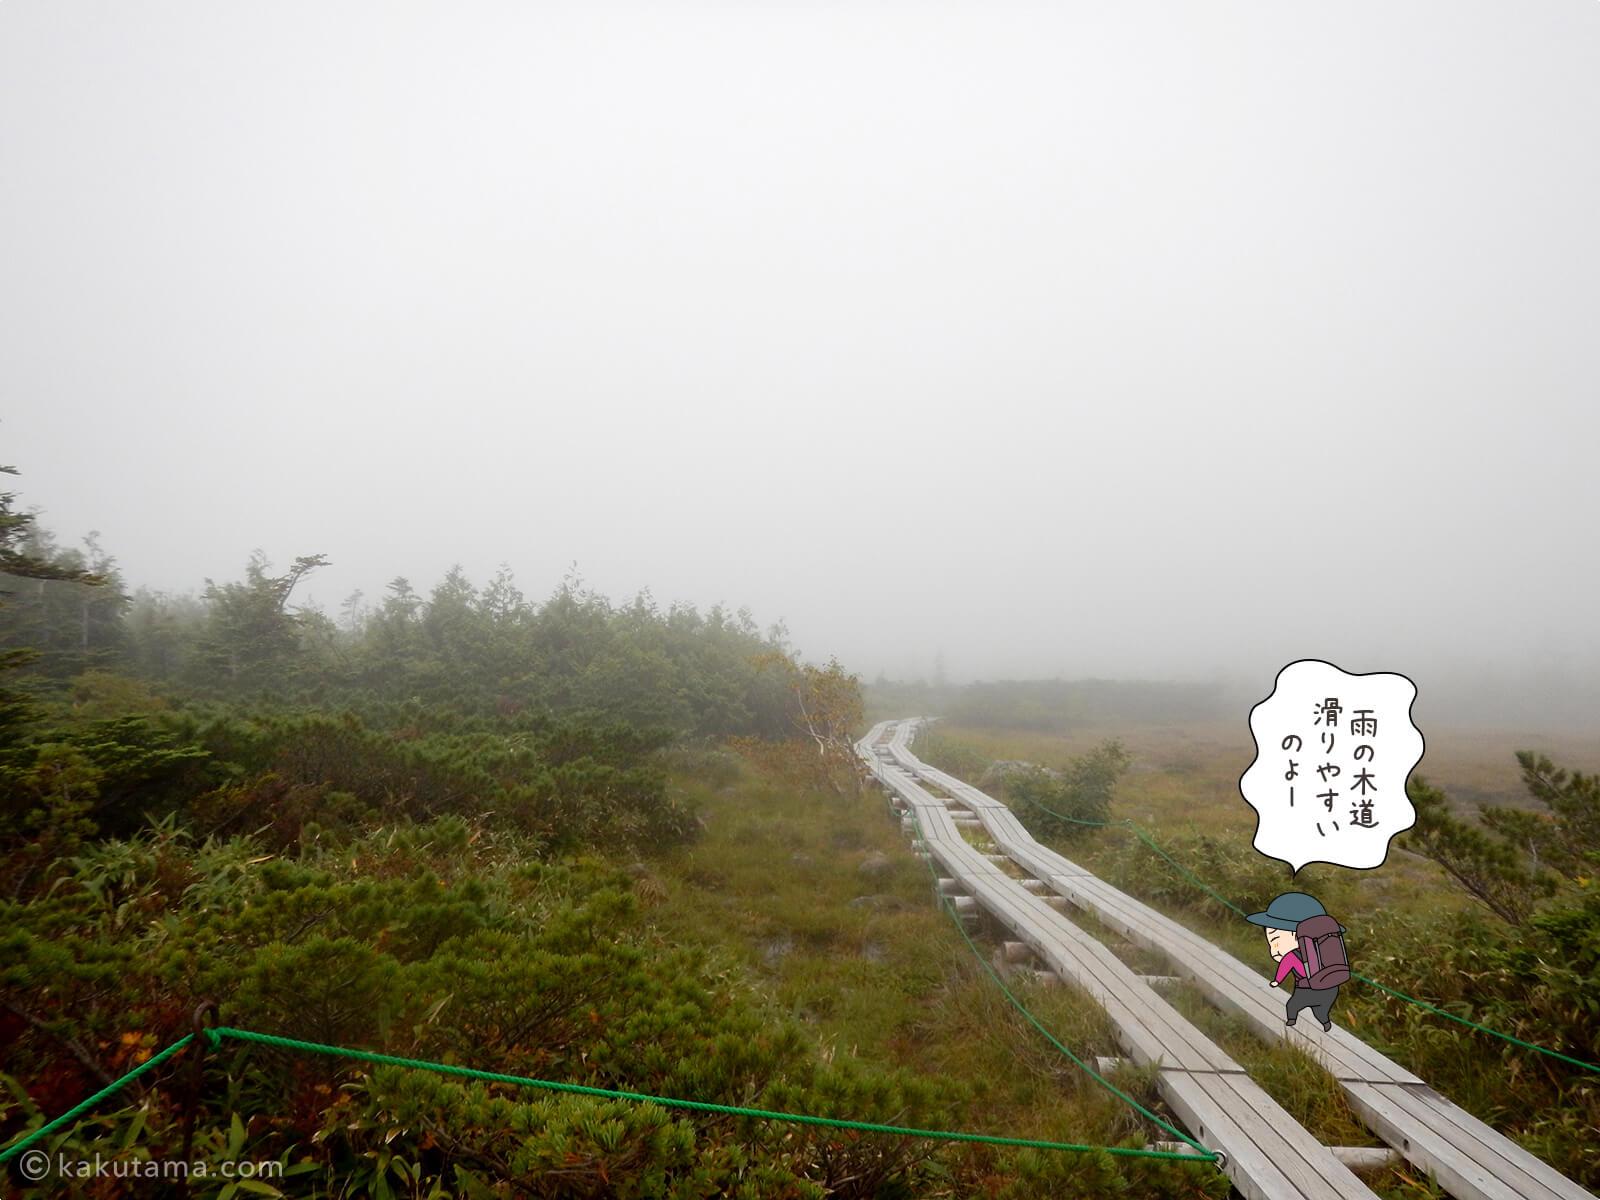 天狗原の木道は雨の日は転びやすい